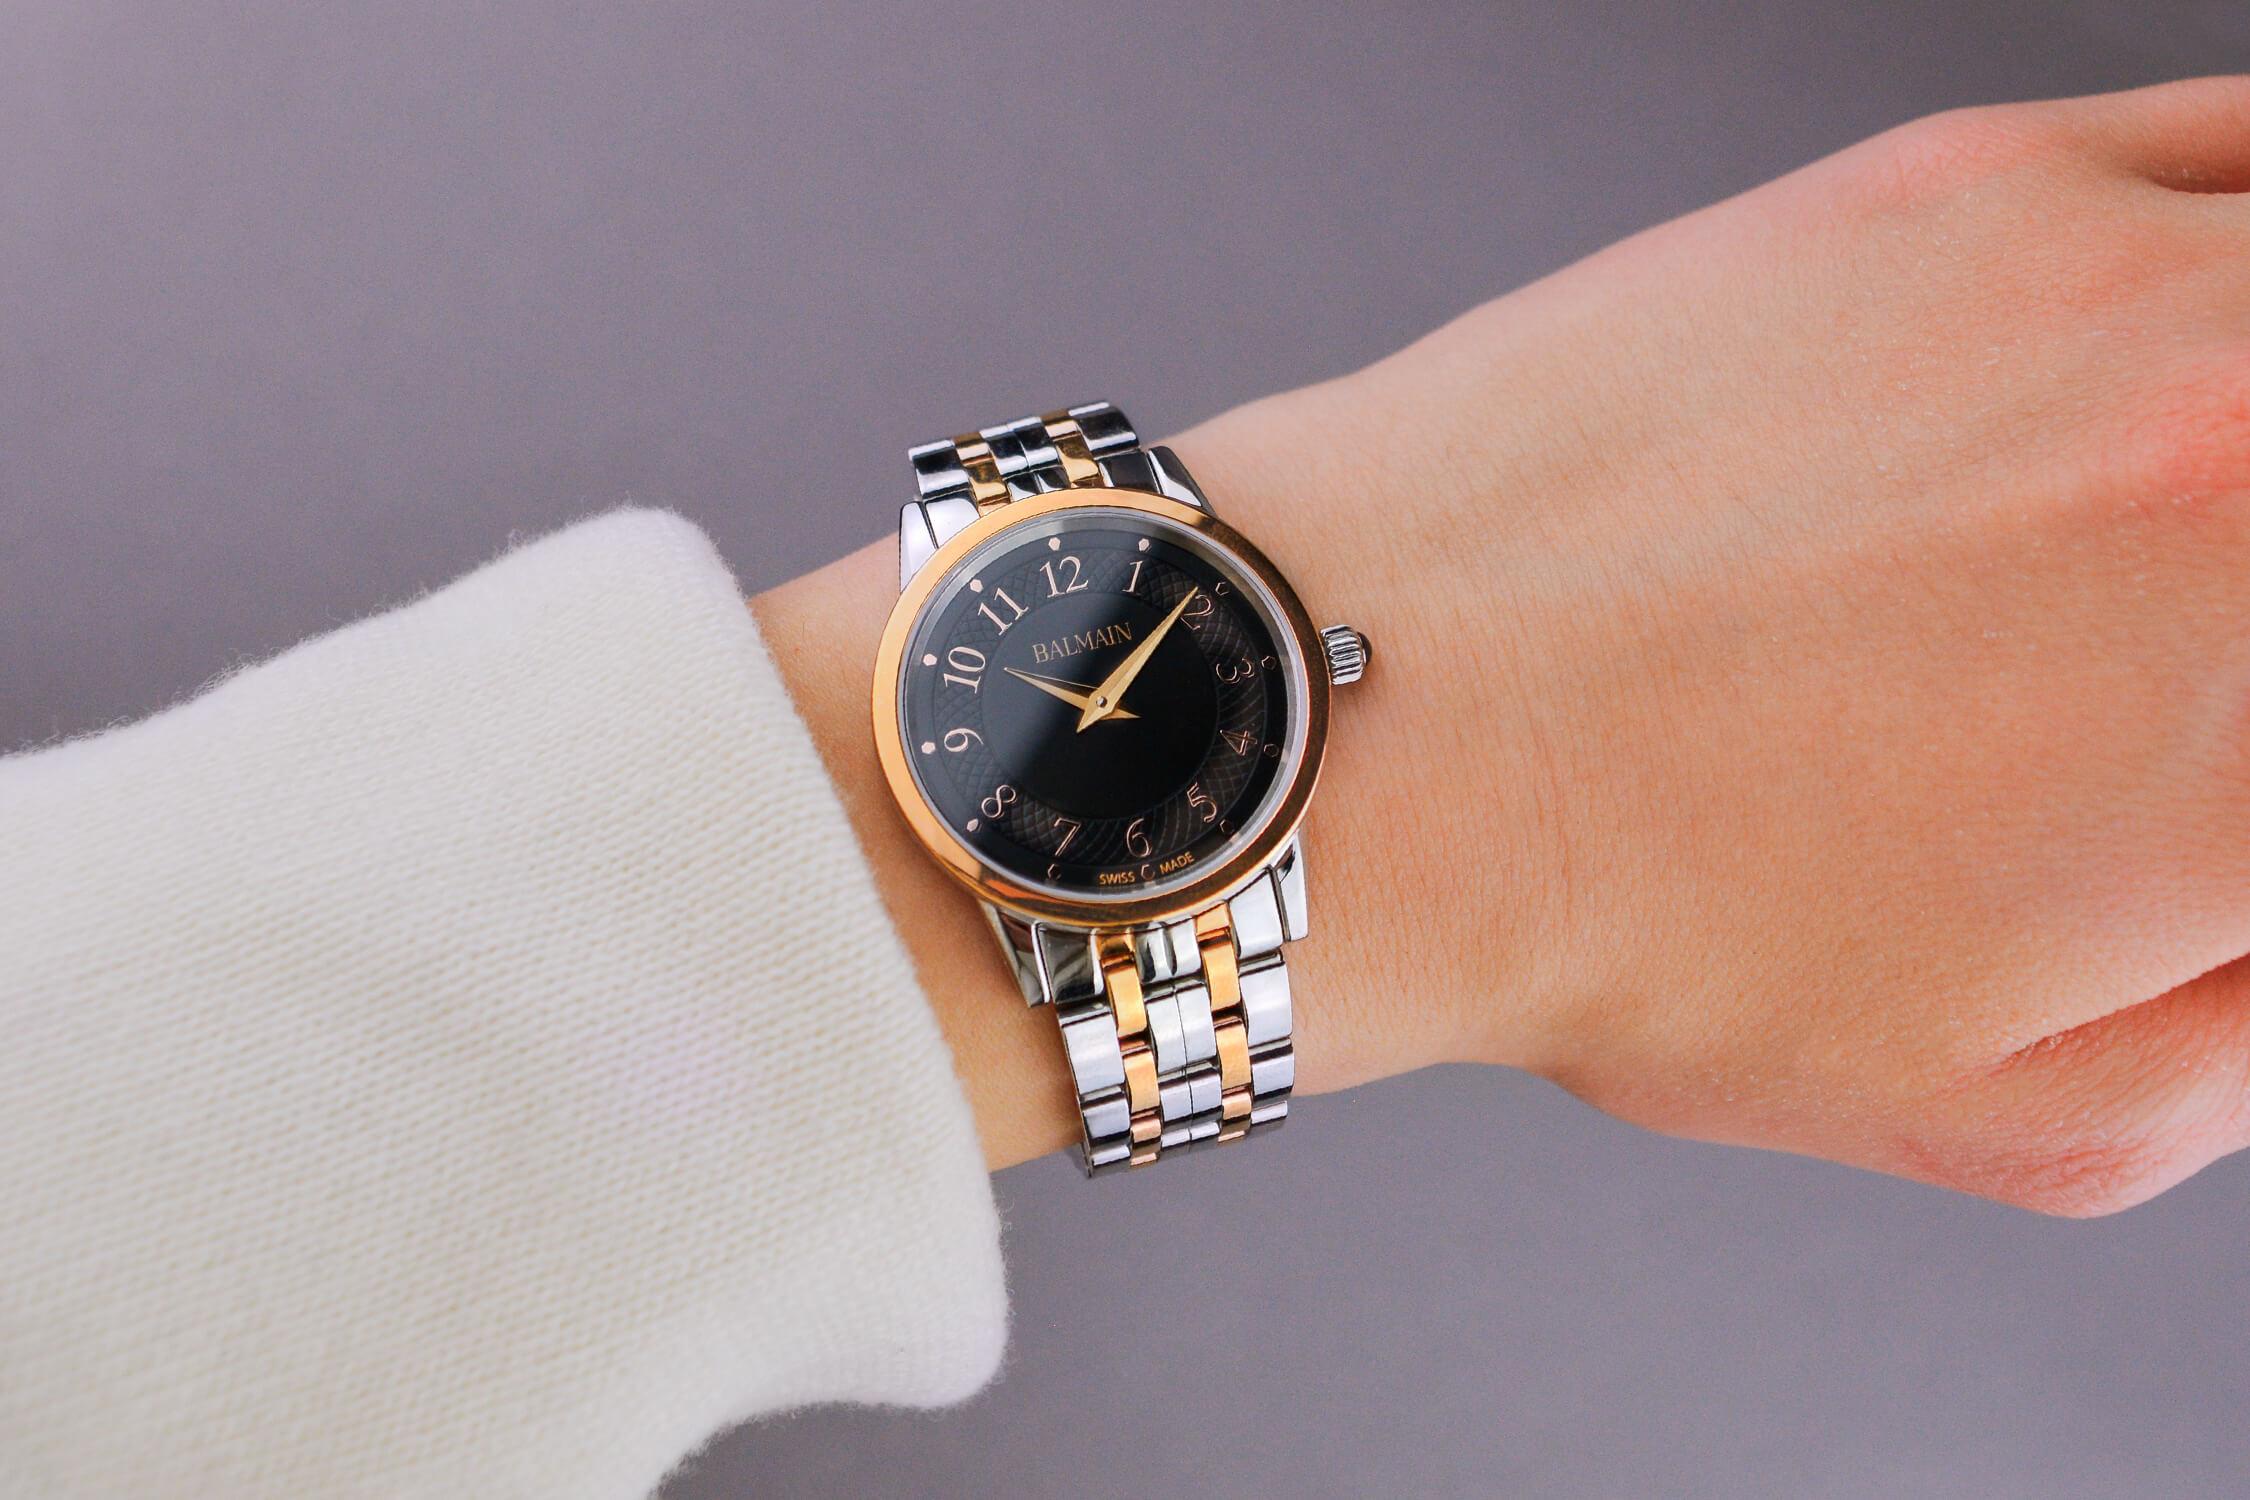 женские часы бальма ERIA 8558.33.64